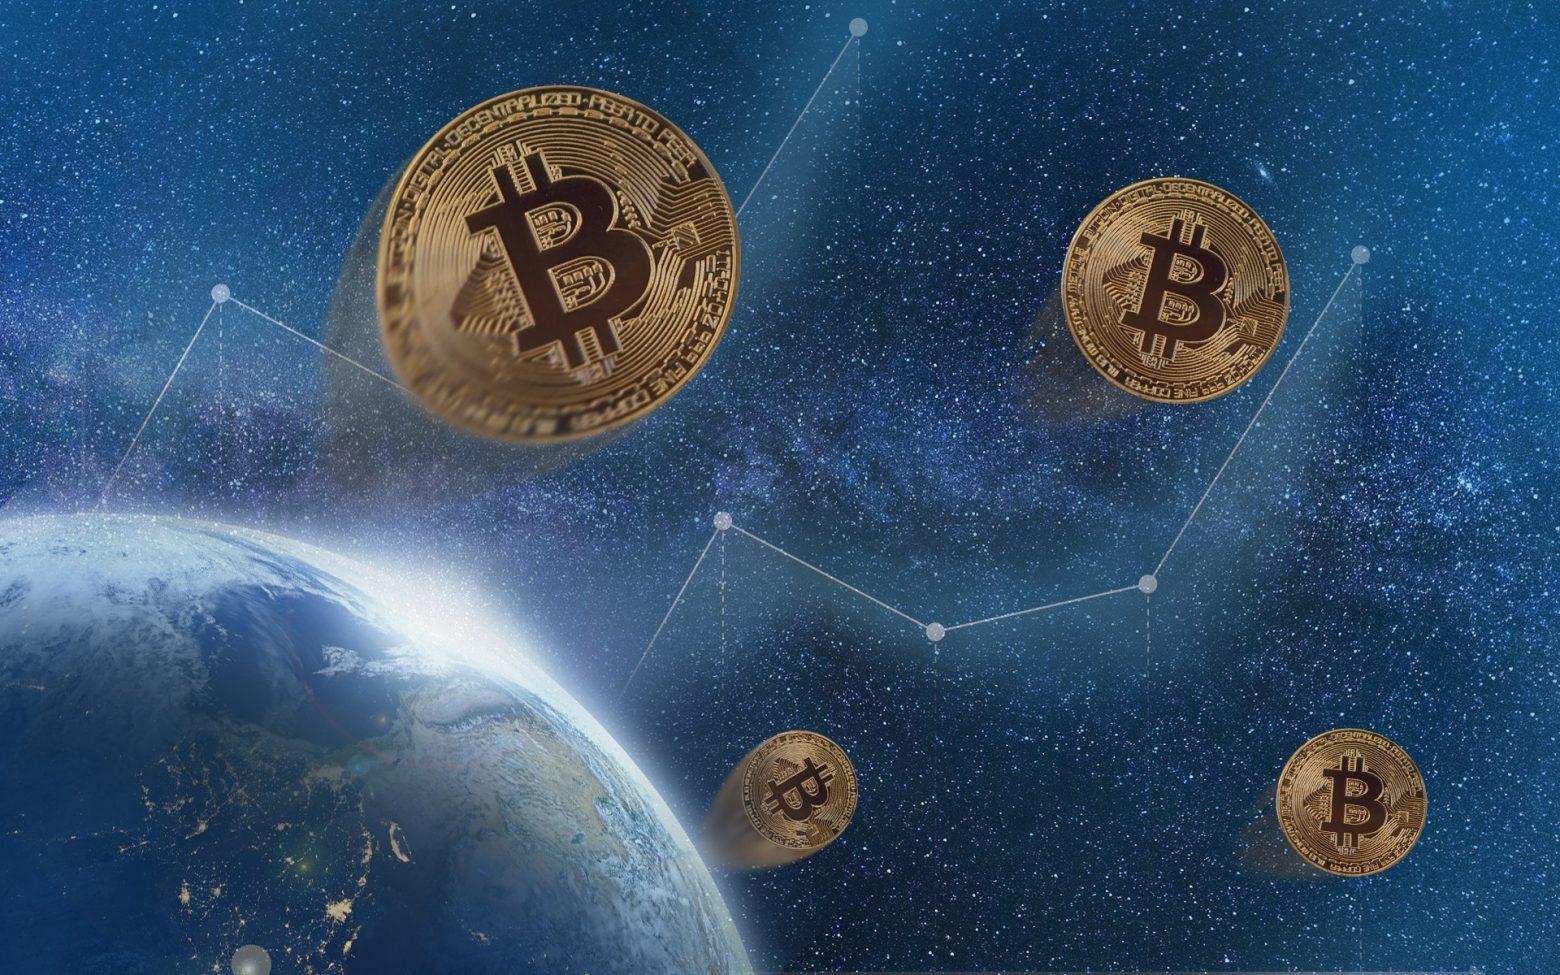 Koop Bitcoin – een introductie tot het kopen van digitale valuta